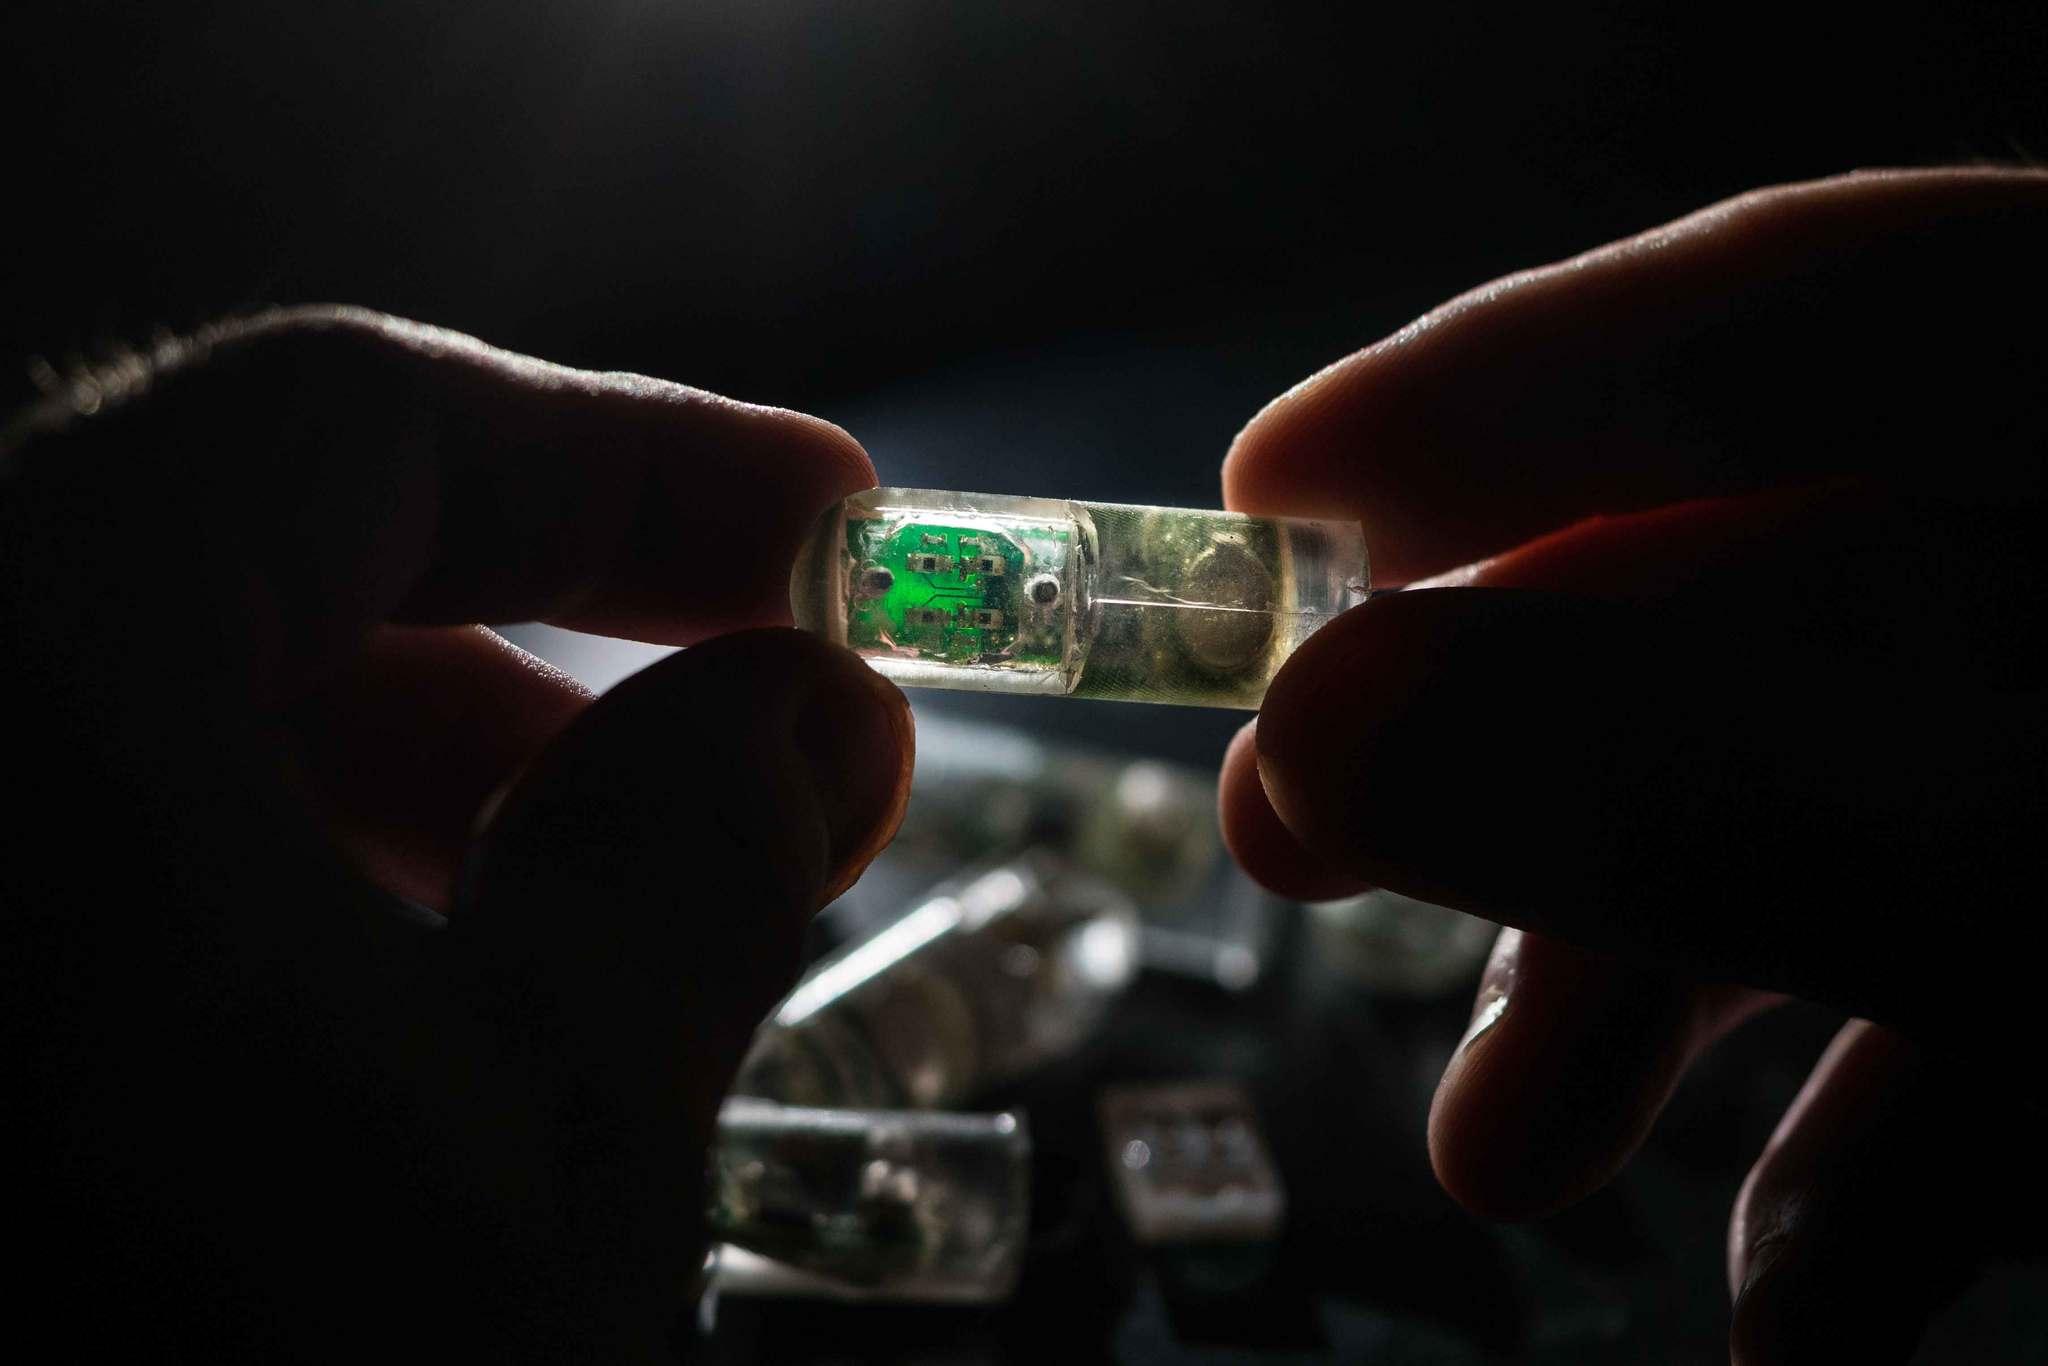 Esta cápsula combina una mezcla de células vivas y componentes